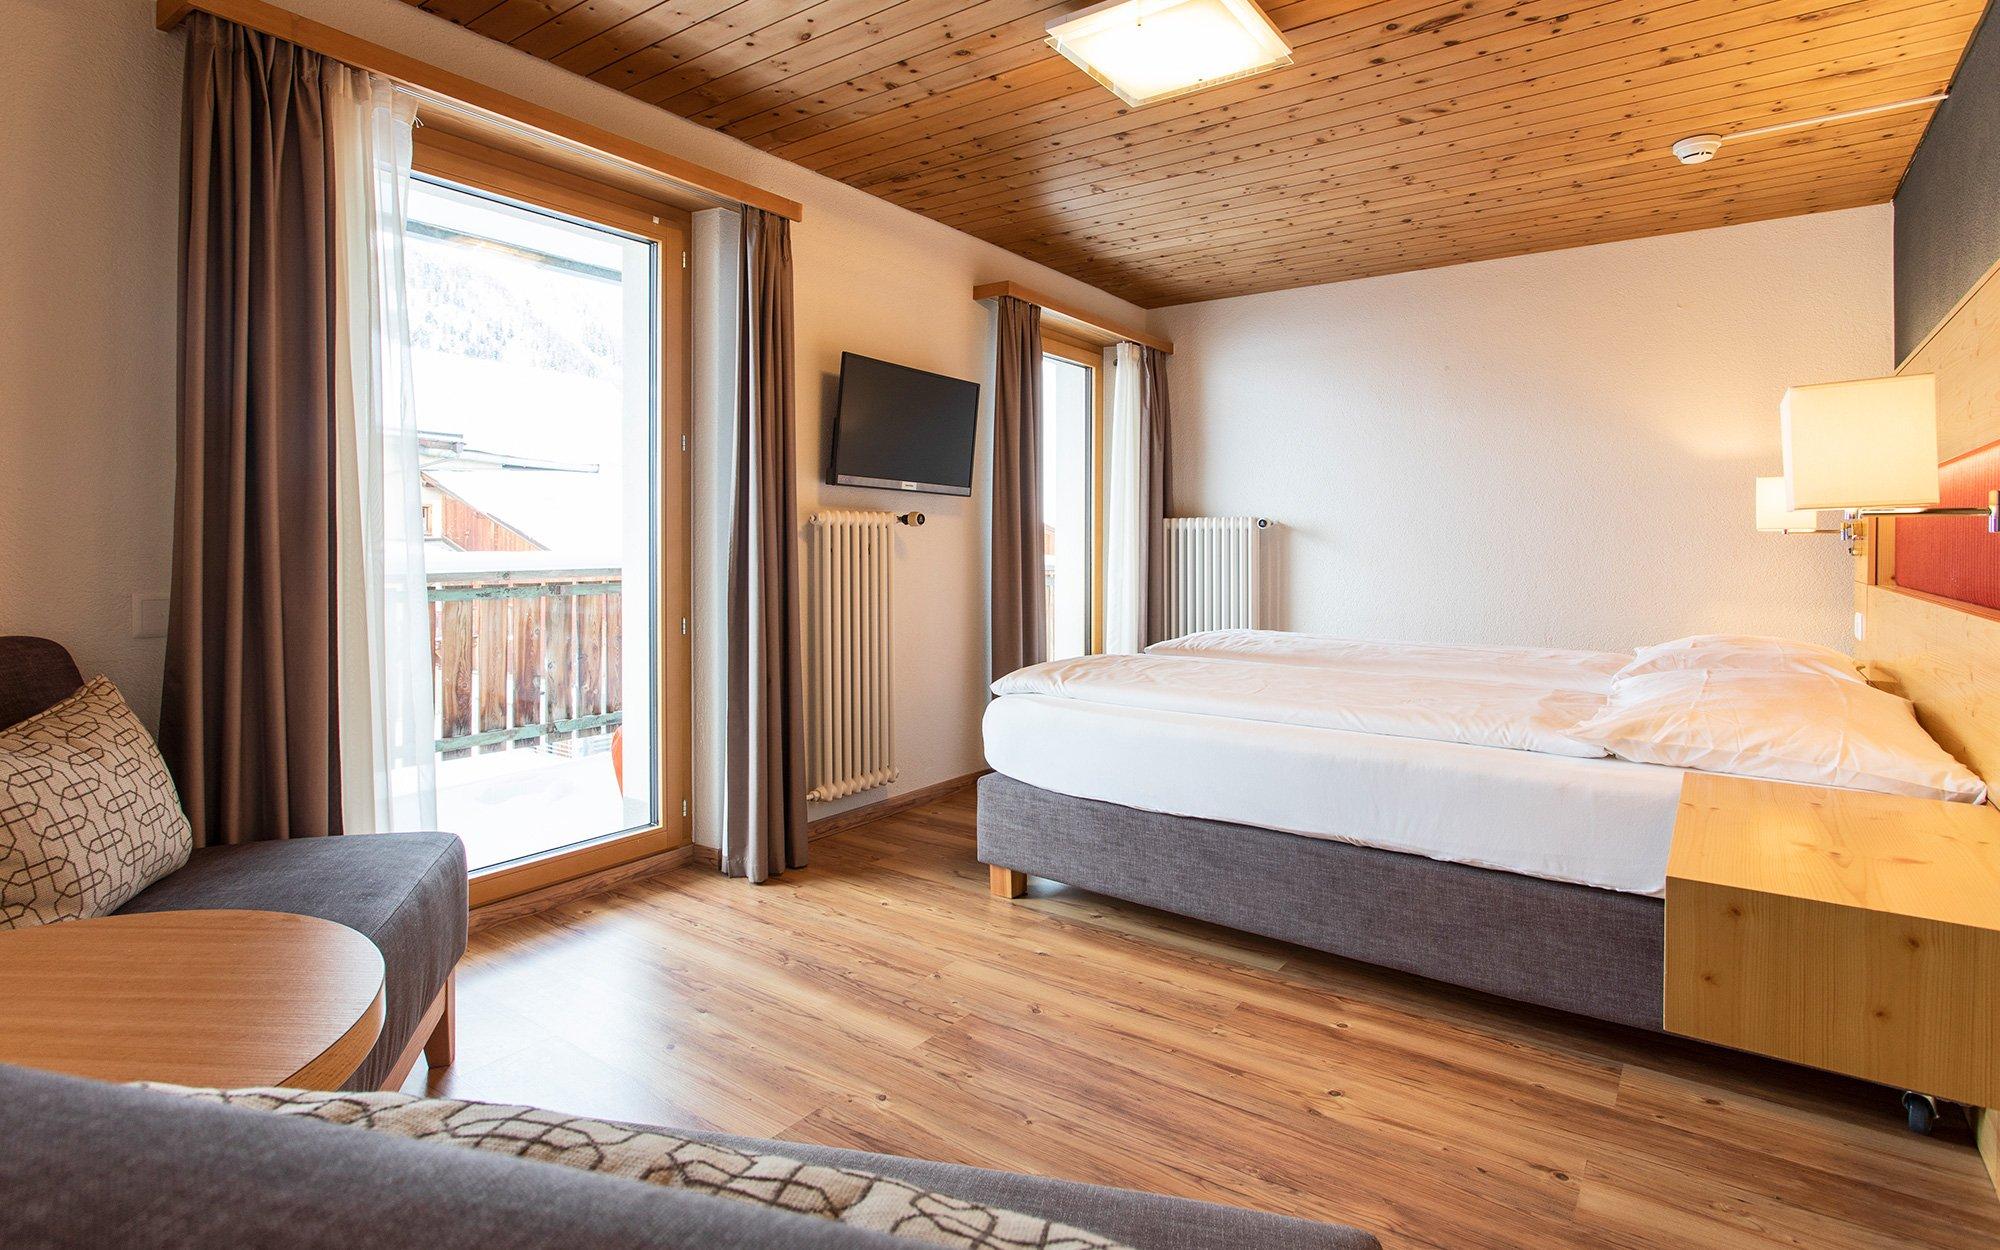 Hotel Engadin - Die Lodge im Meisser Resort